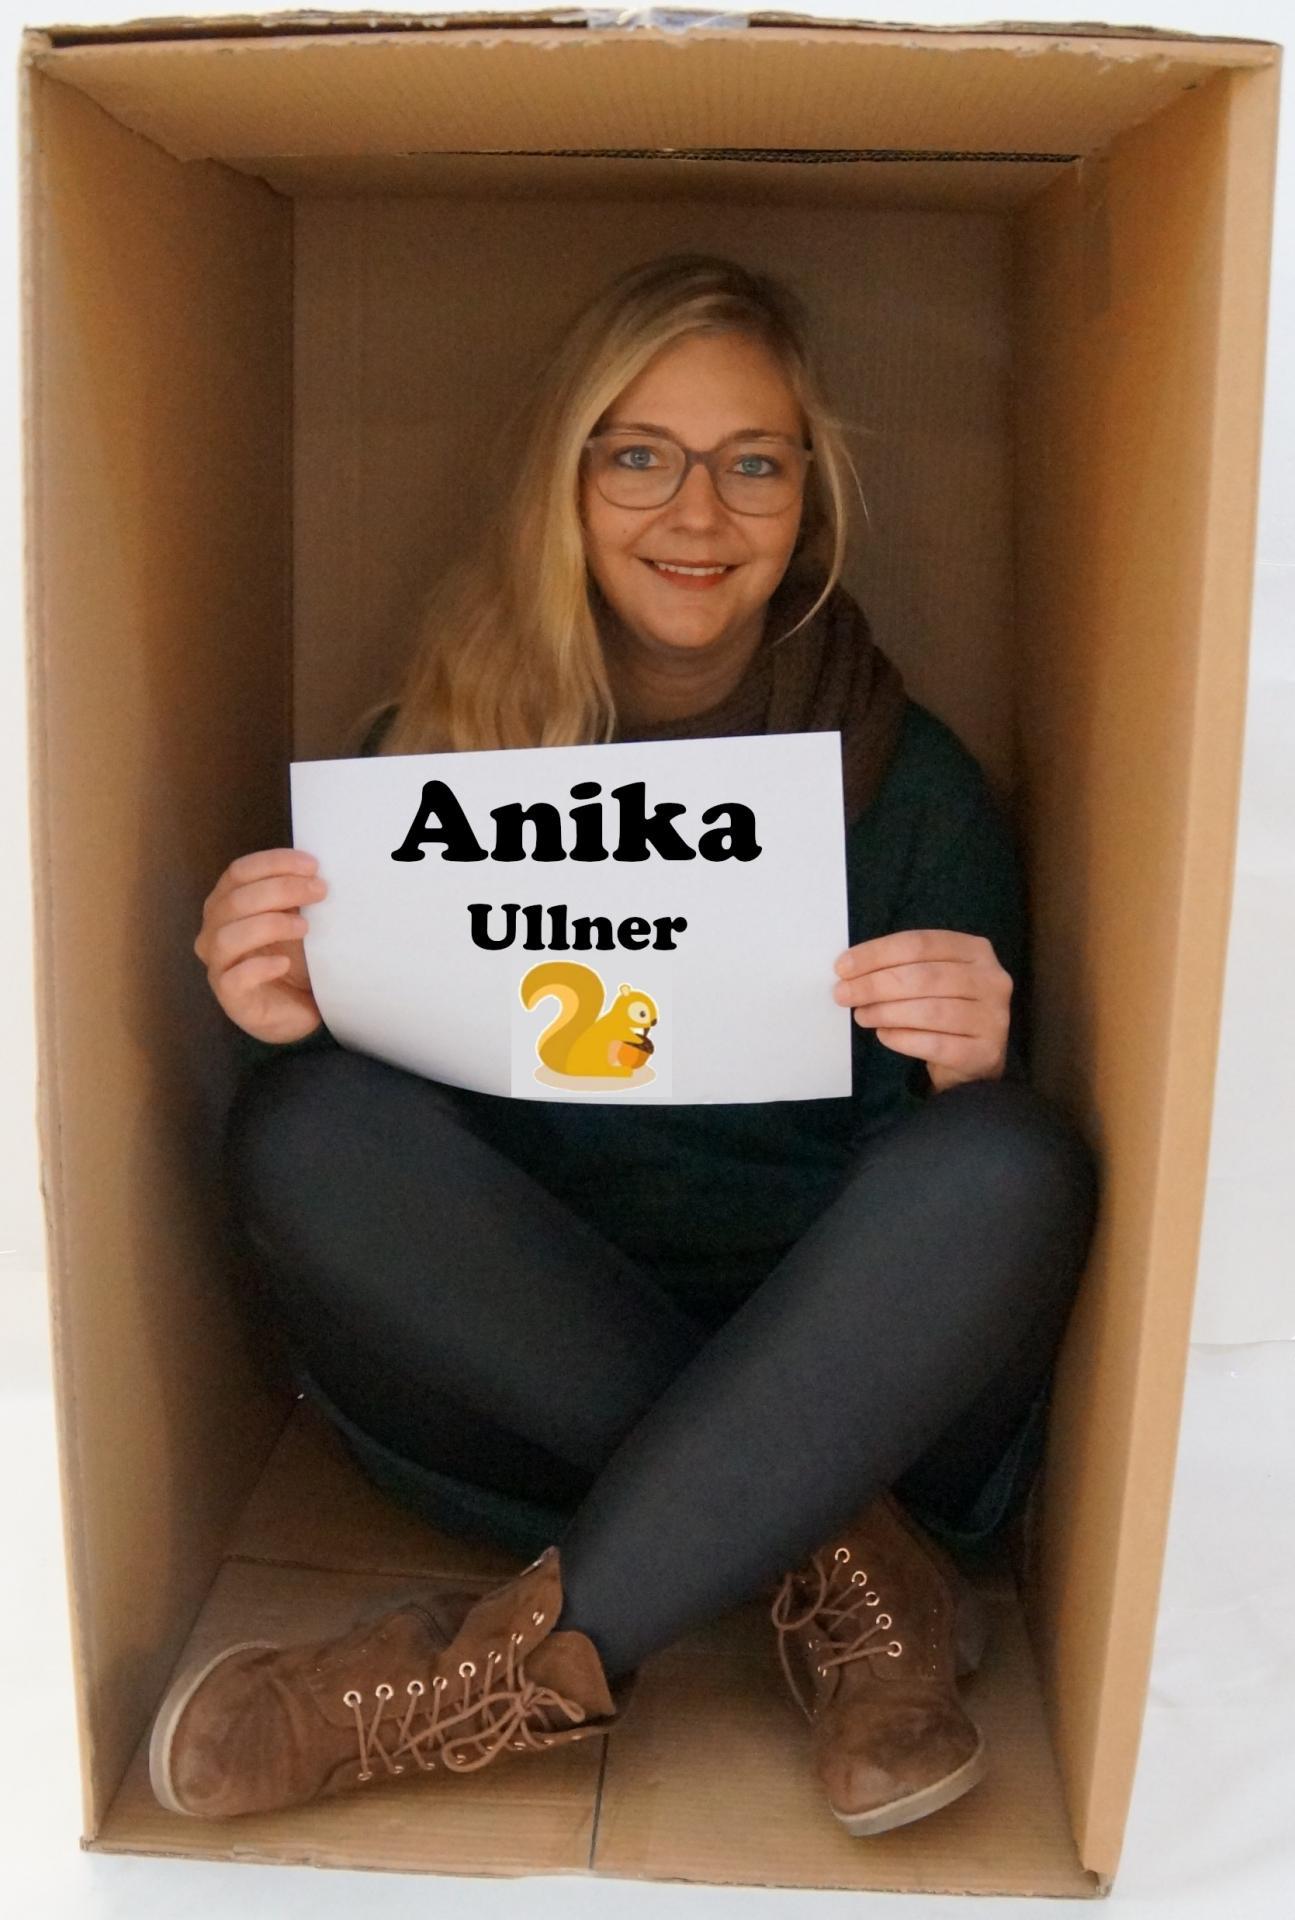 Anika Ullner